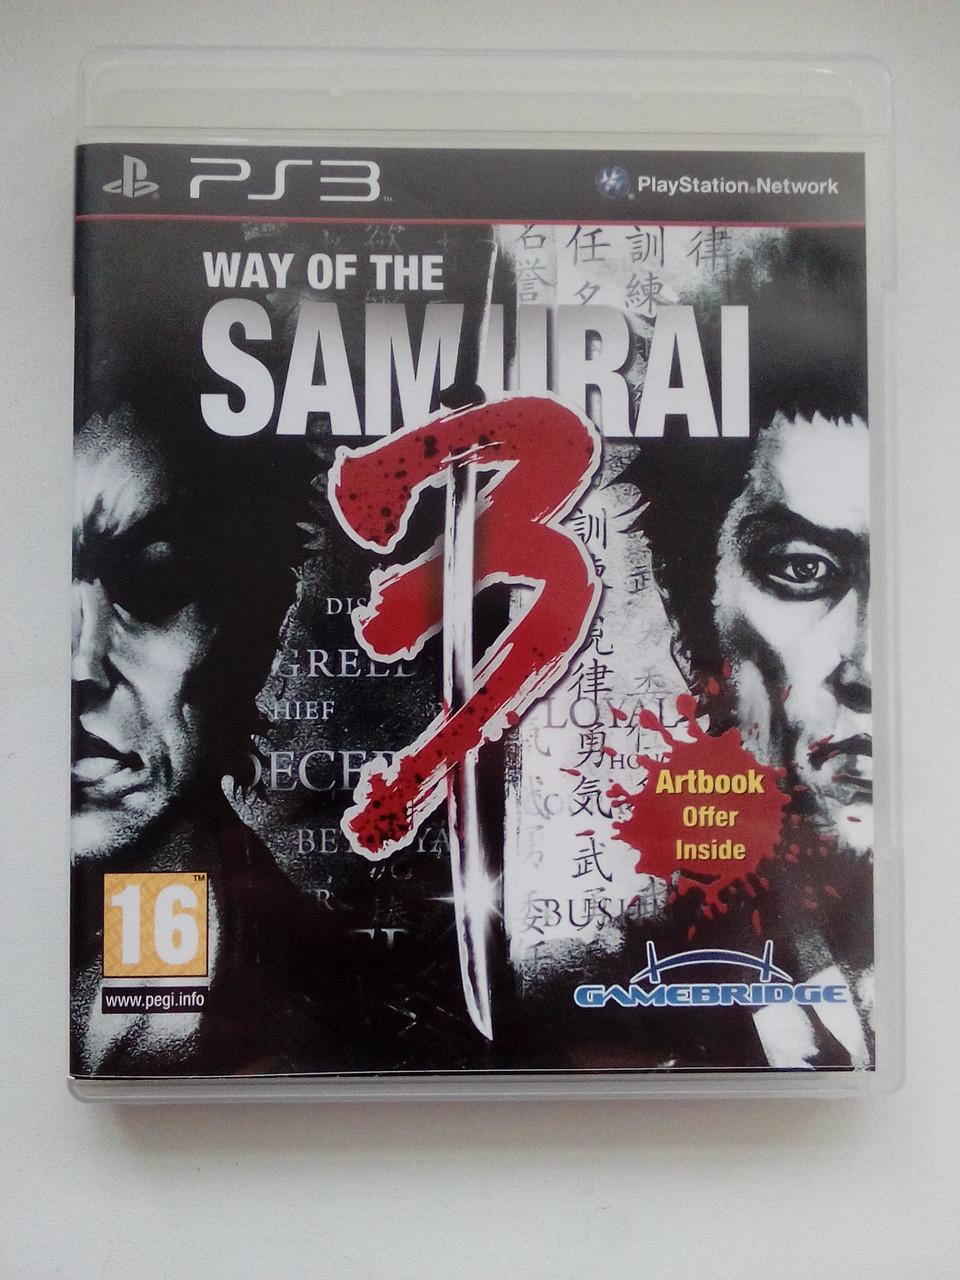 Way of the Samurai 3 (PS3)